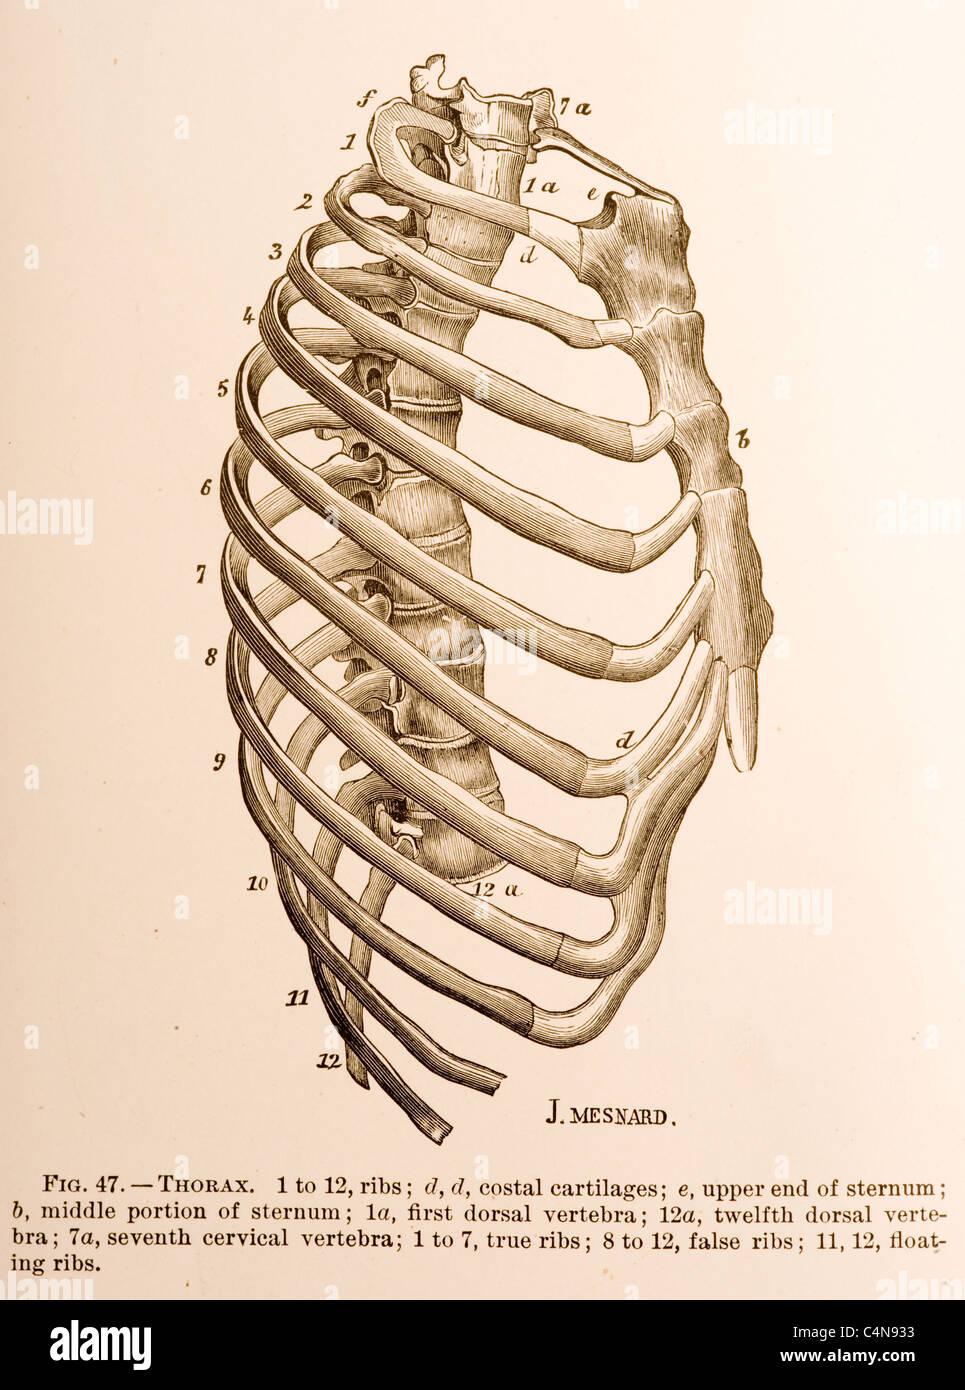 Großartig Sternum Galerie - Anatomie Und Physiologie Knochen Bilder ...